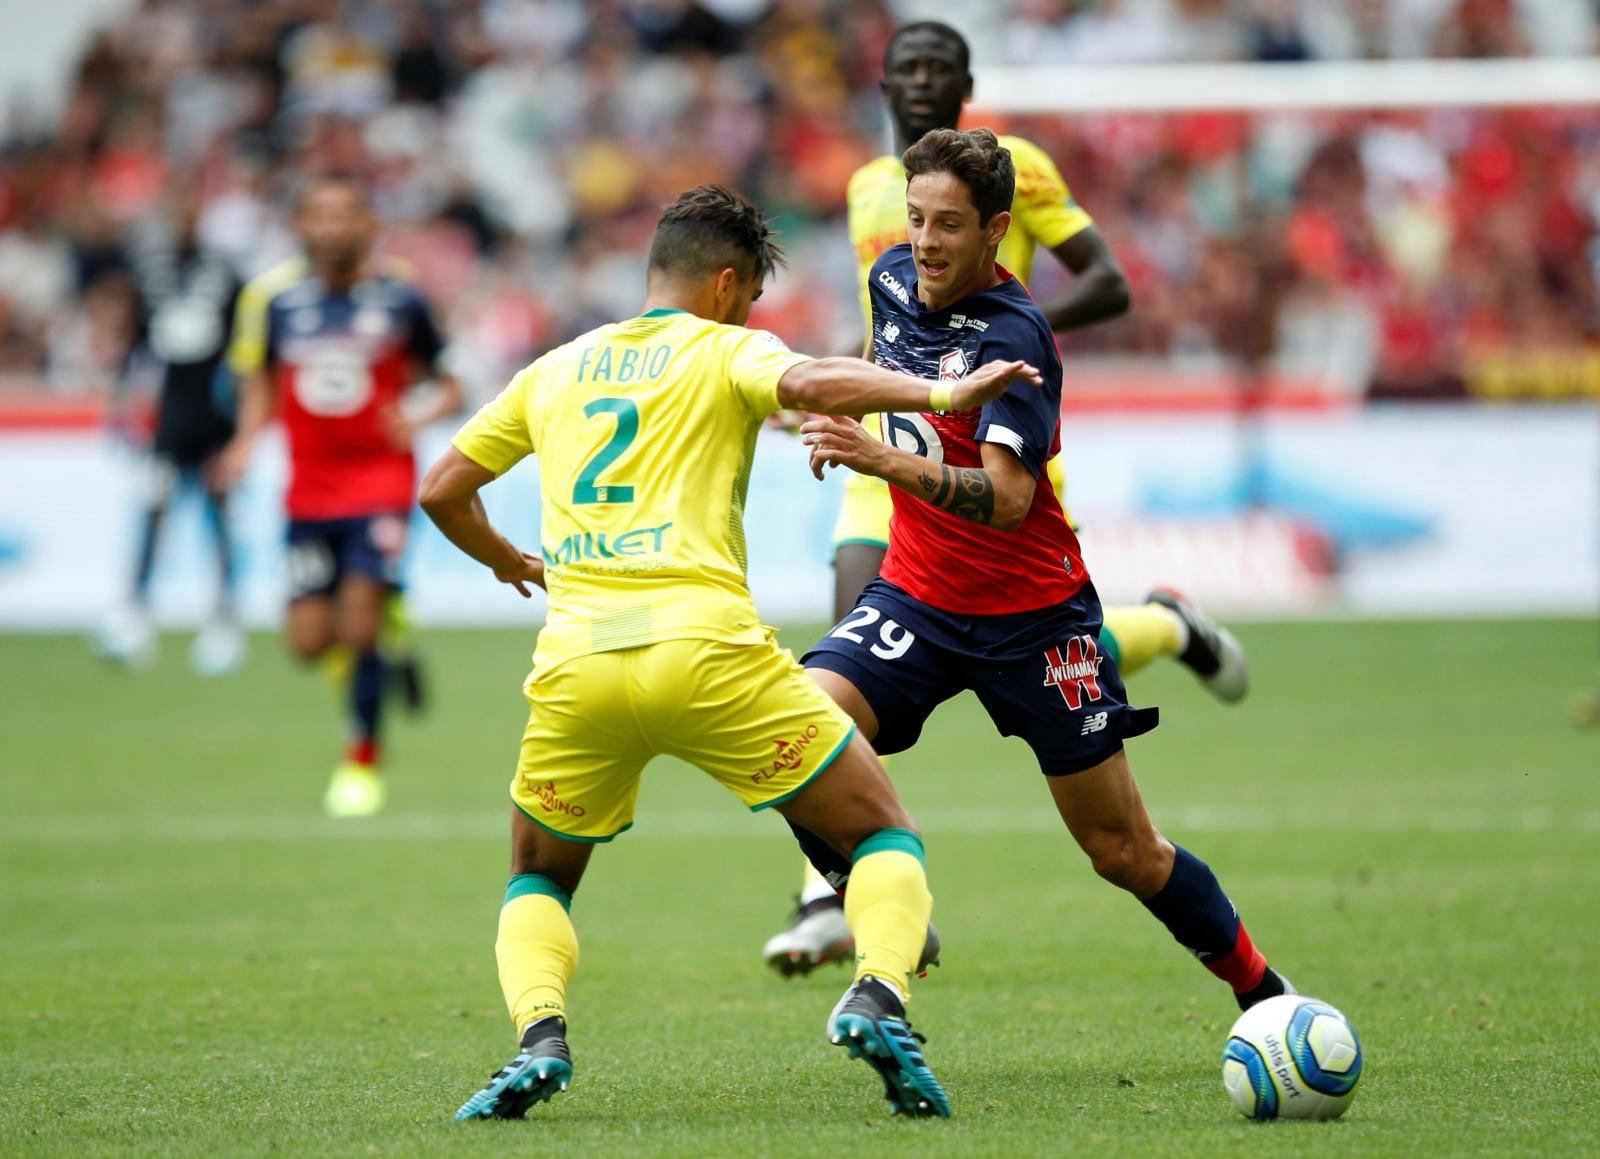 Ligue 1 - Lille v Nantes